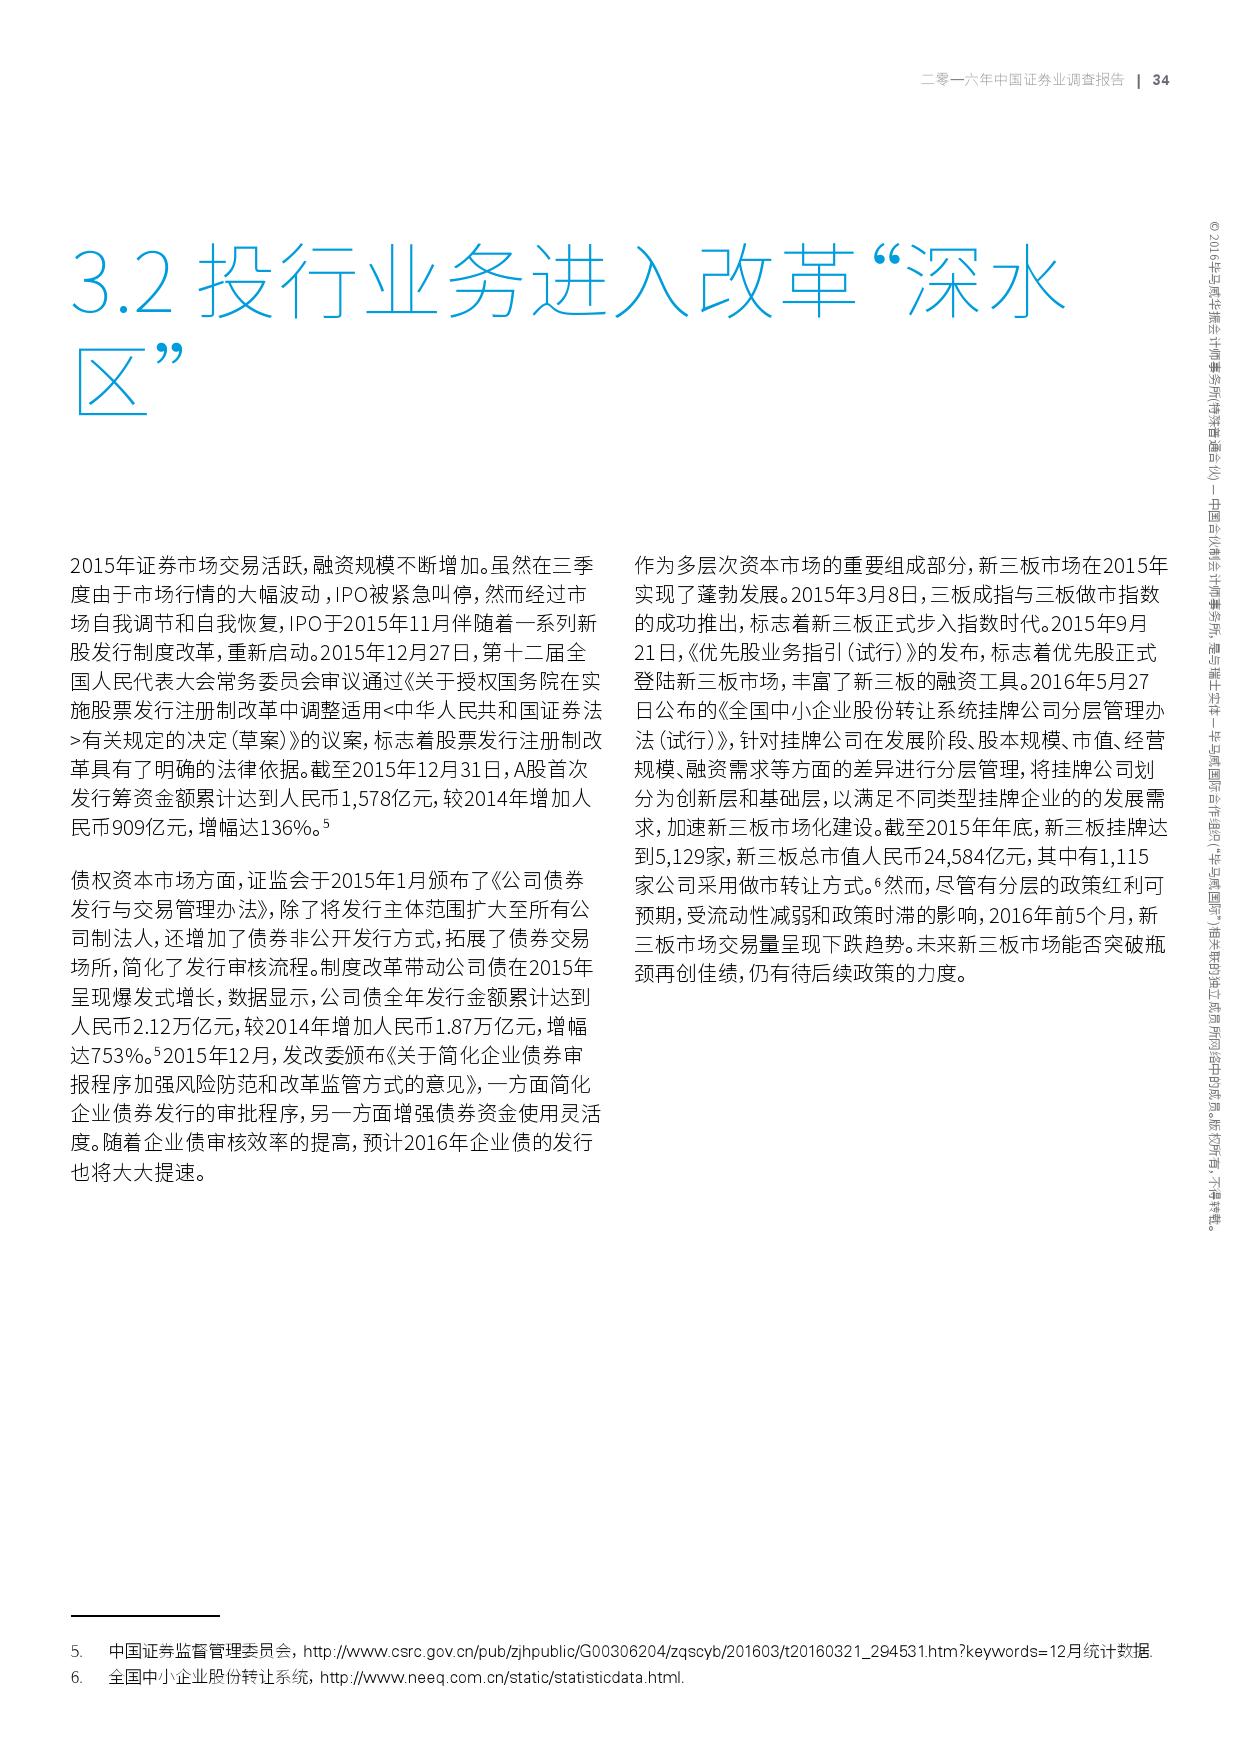 2016年中国证券业调查报告_000037